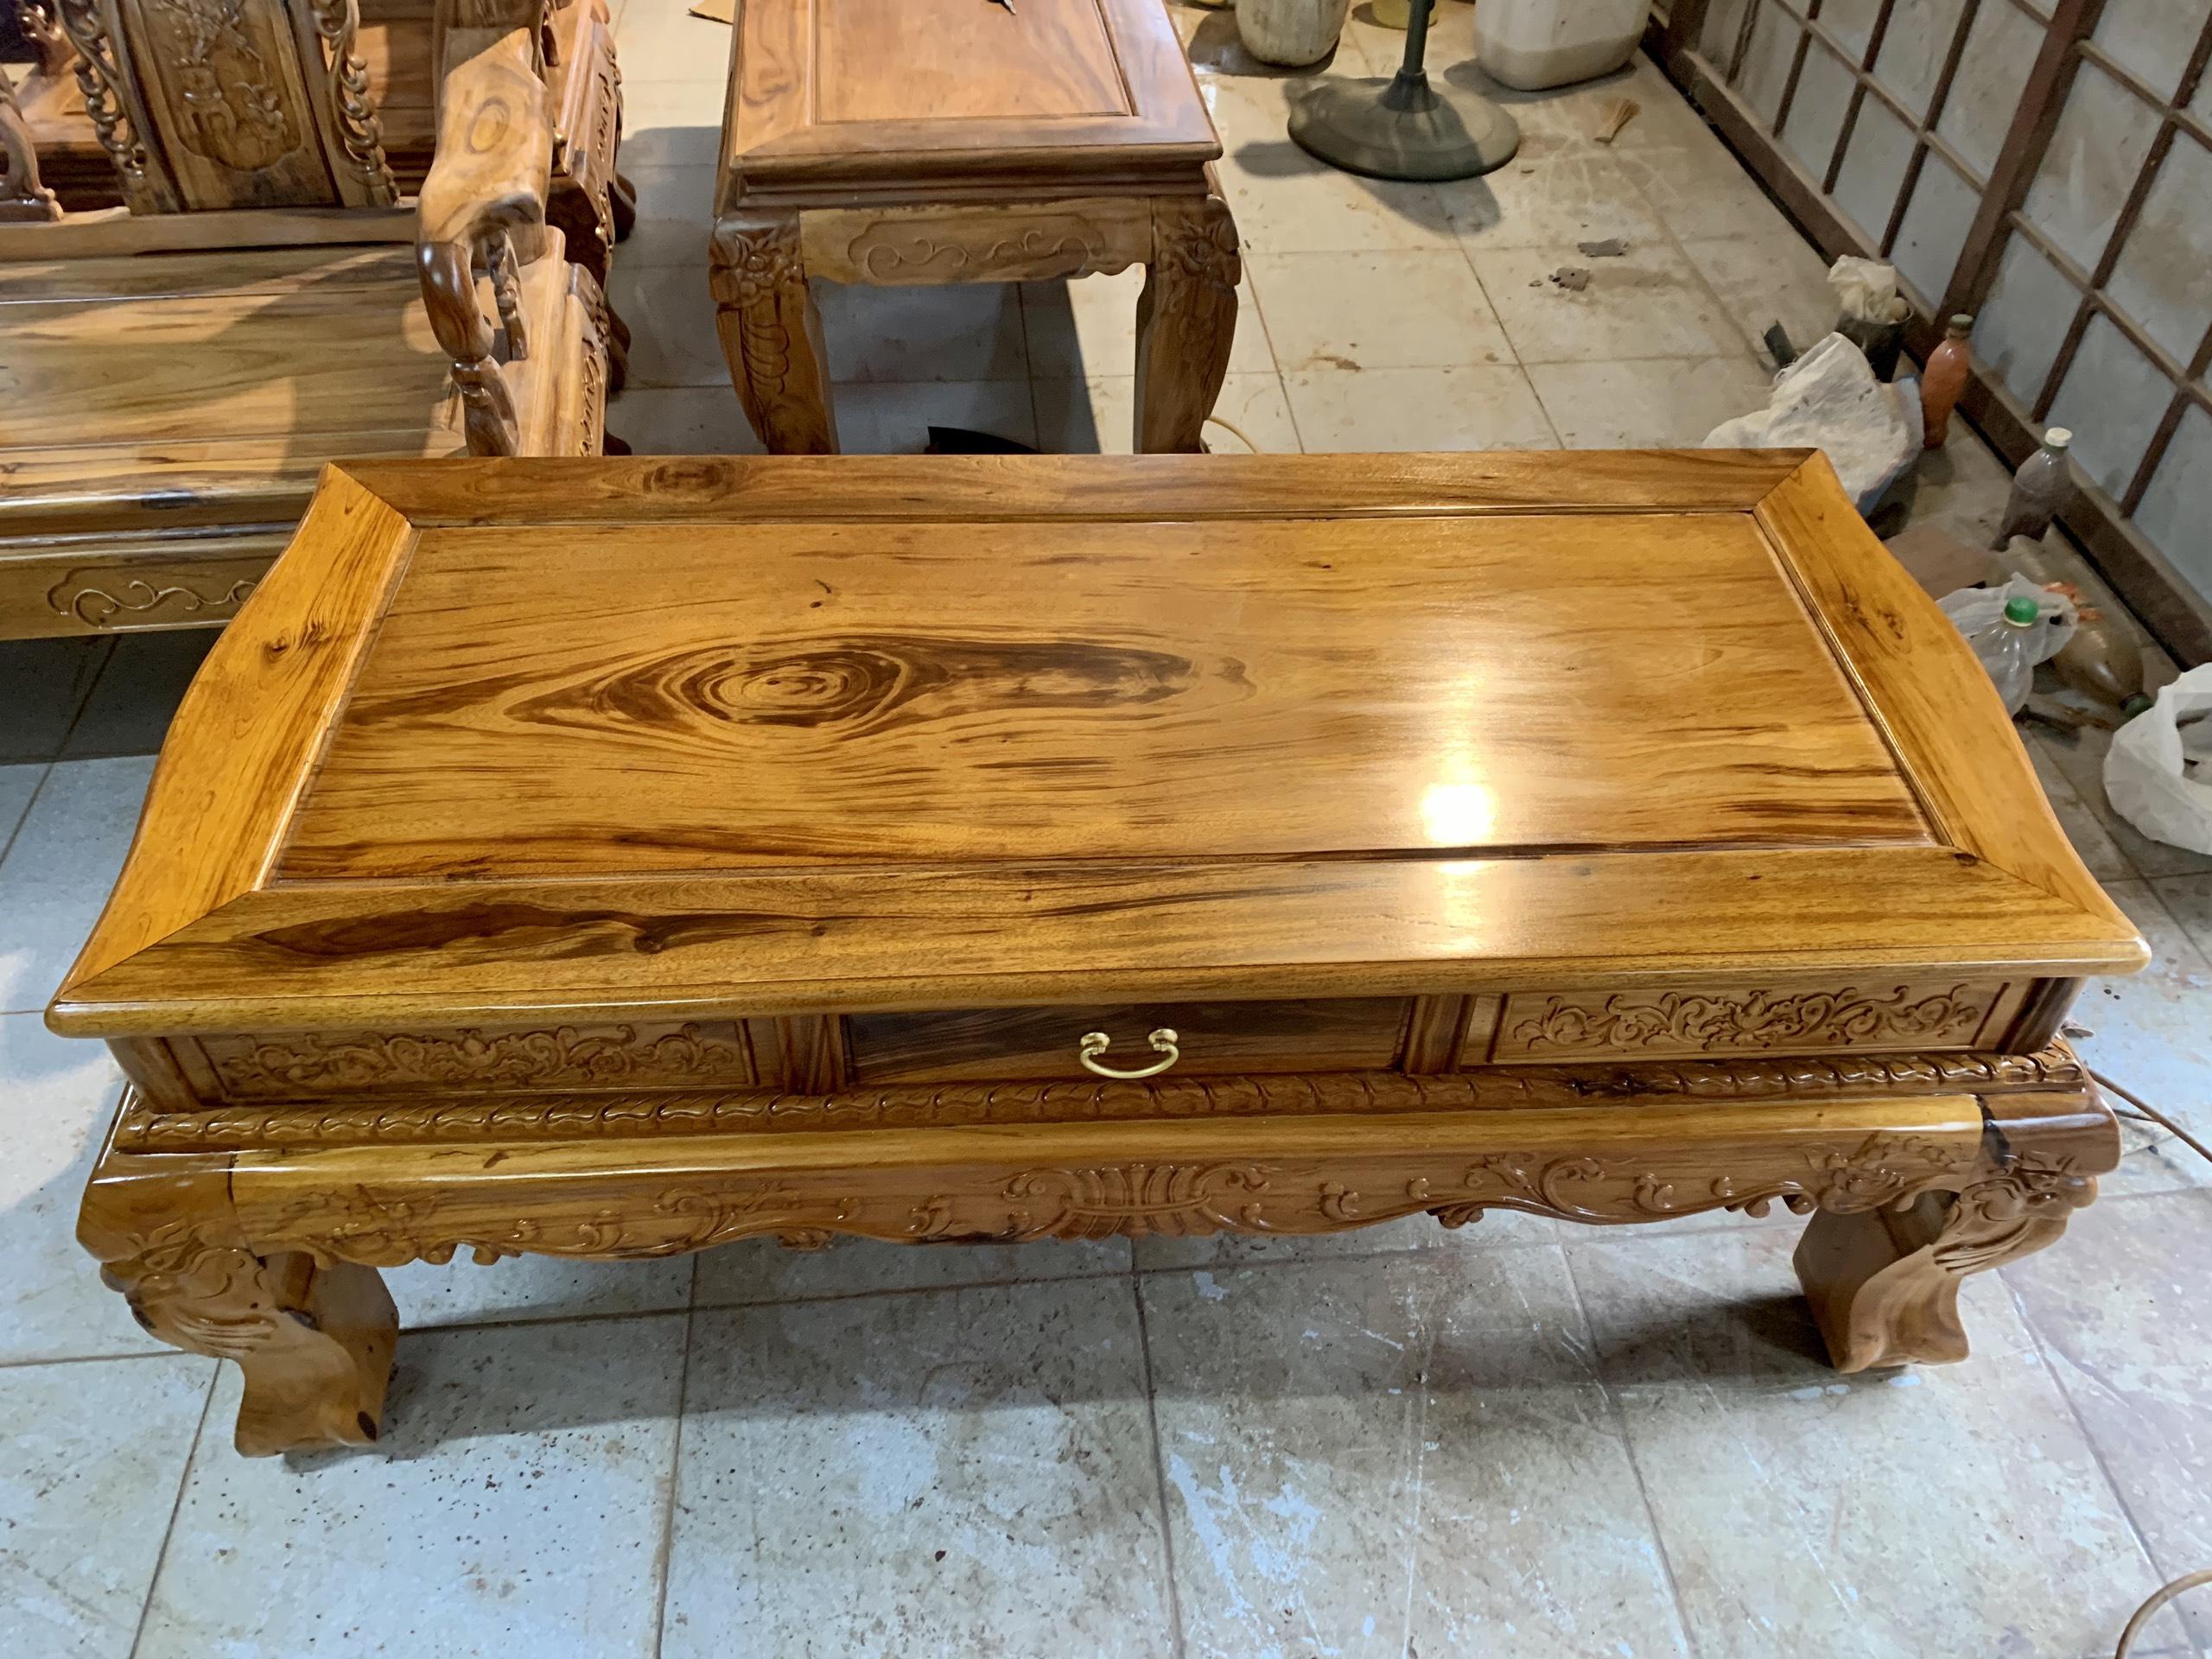 ghe gu ta 3 - Bộ bàn ghế Minh Quốc đào cột 12 gỗ gụ ta Quảng Bình (vân cực đẹp)